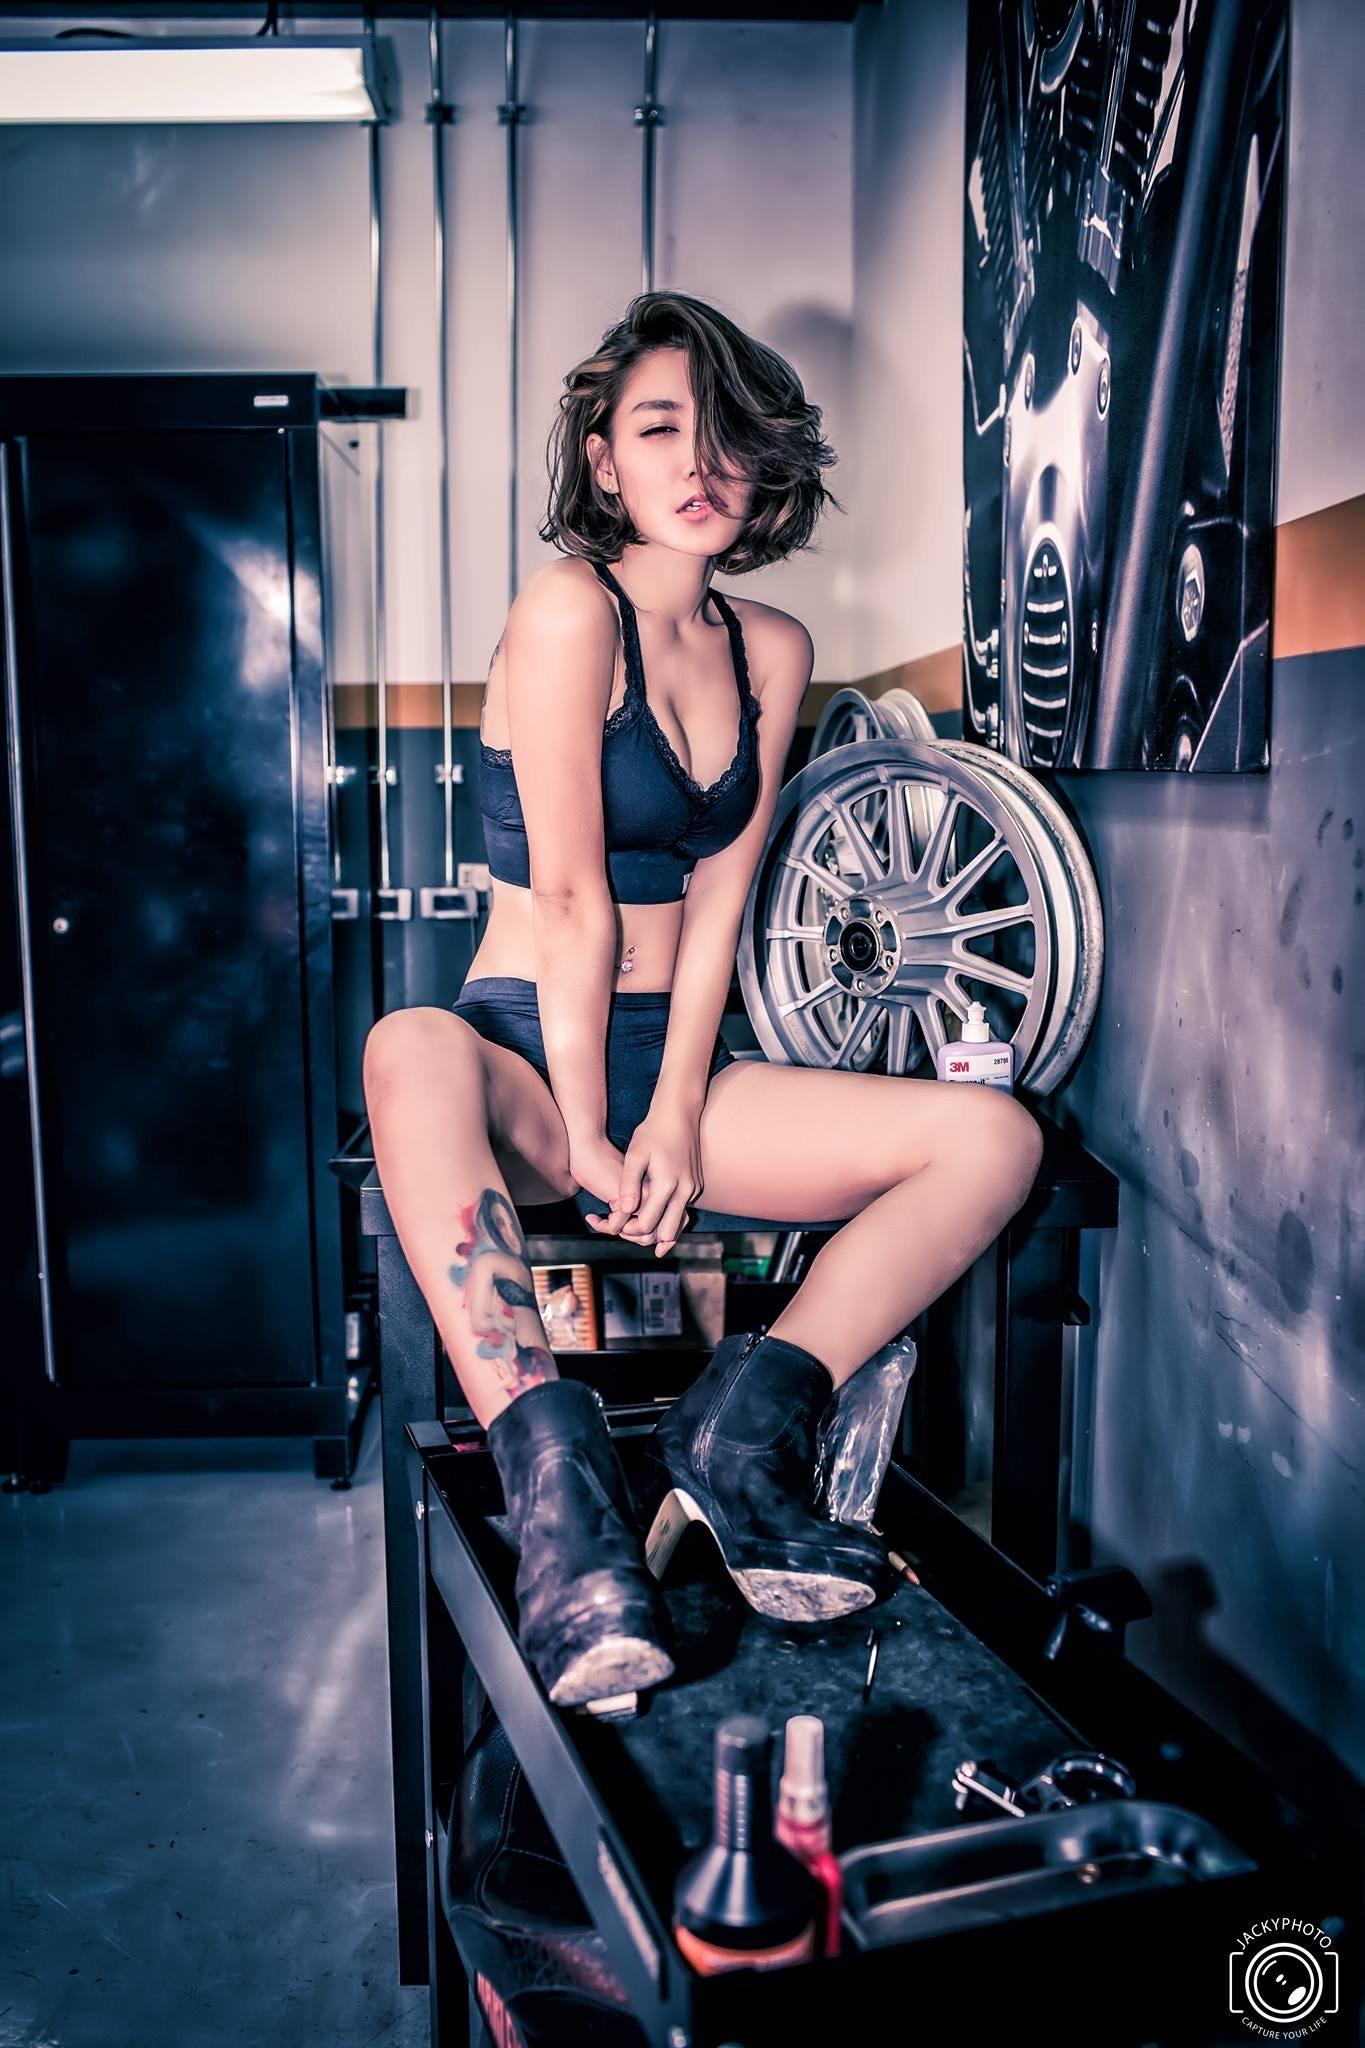 Cô nàng xinh đẹp phơi bày vẻ quyến rũ trong garage sửa mô tô - 5